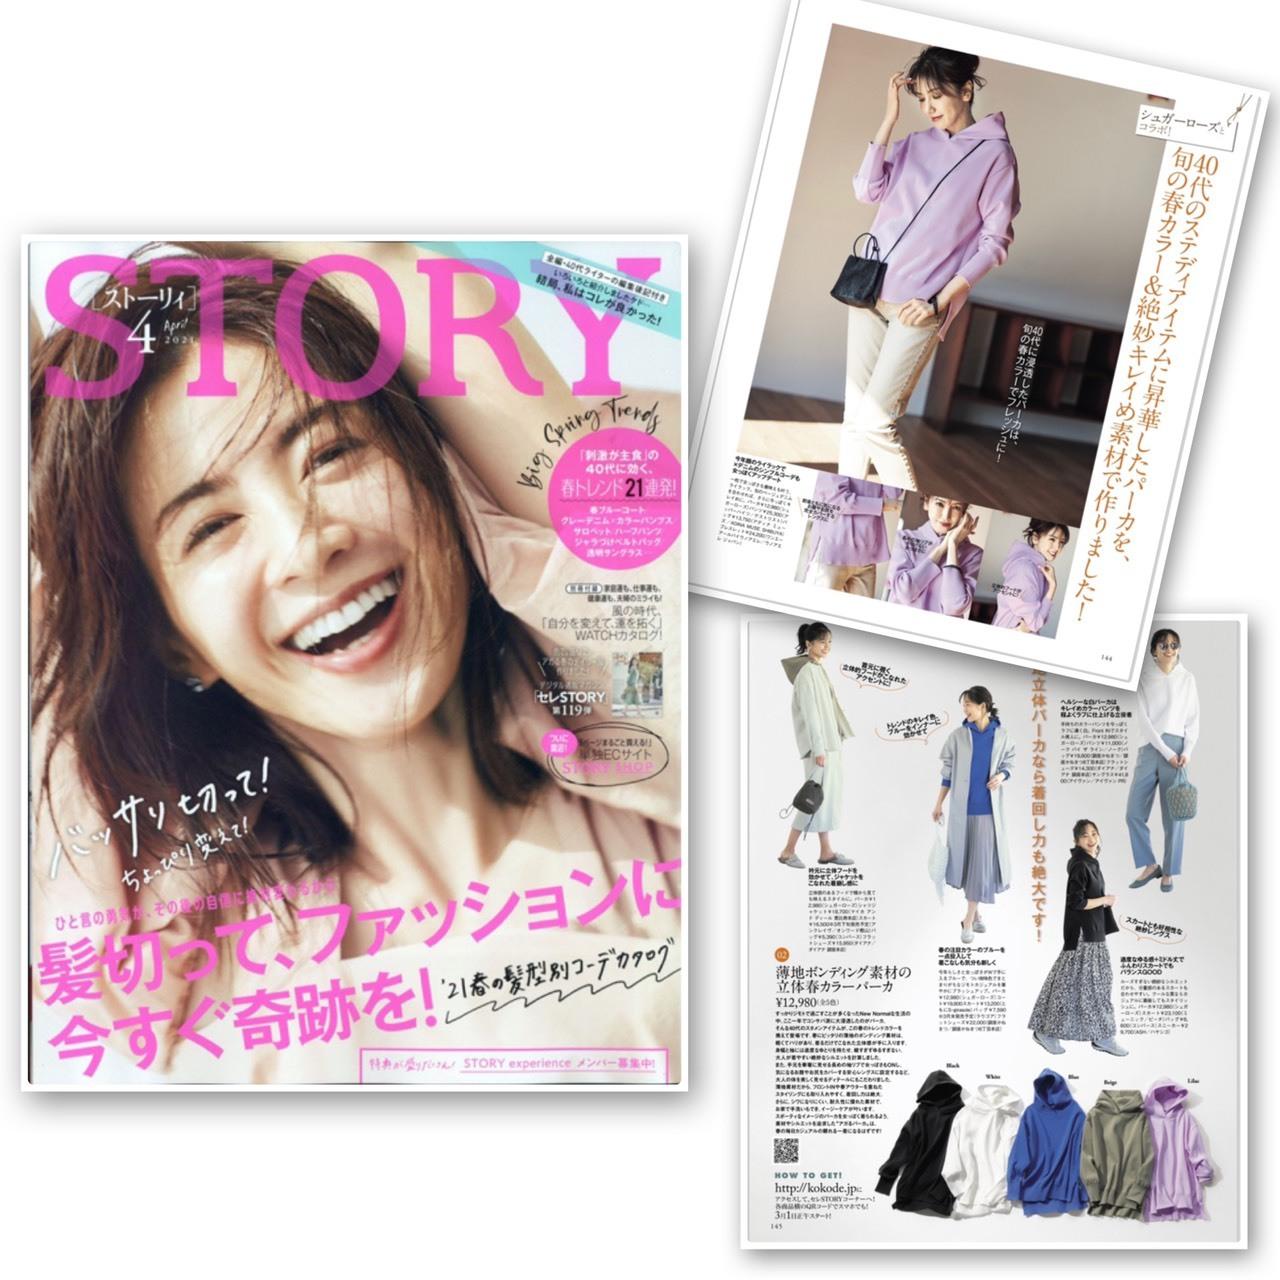 最新号STORY4月号にて限定コラボ春のボンディングみえニットパーカ雑誌掲載!